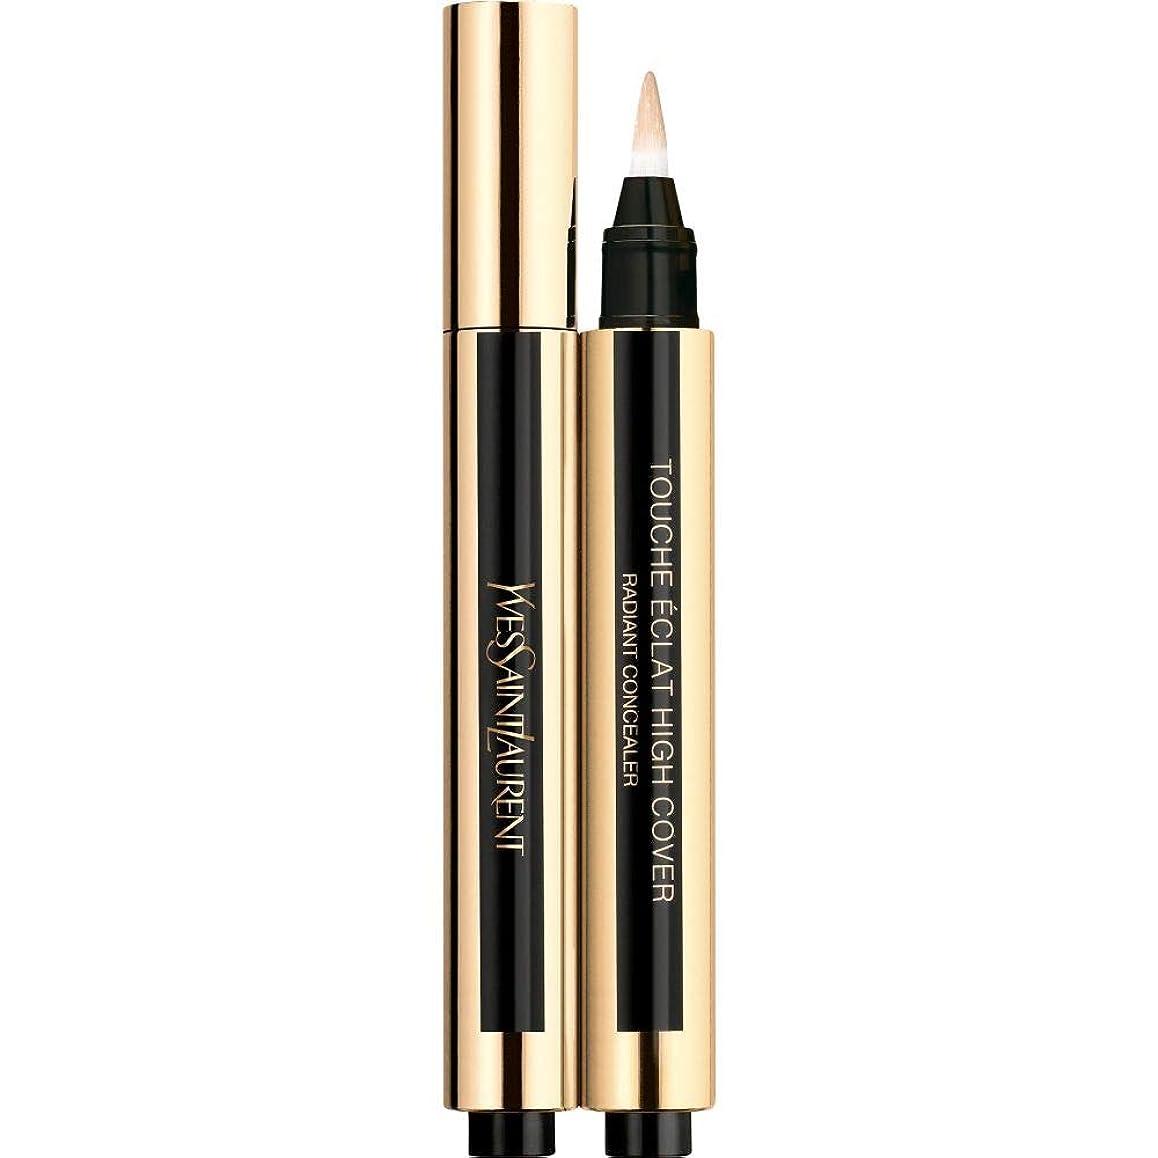 パックで出来ている懐[Yves Saint Laurent] 0.5 2.5ミリリットルイヴ?サンローランのトウシュエクラ高いカバー放射コンシーラーペン - バニラ - Yves Saint Laurent Touche Eclat High Cover Radiant Concealer Pen 2.5ml 0.5 - Vanilla [並行輸入品]